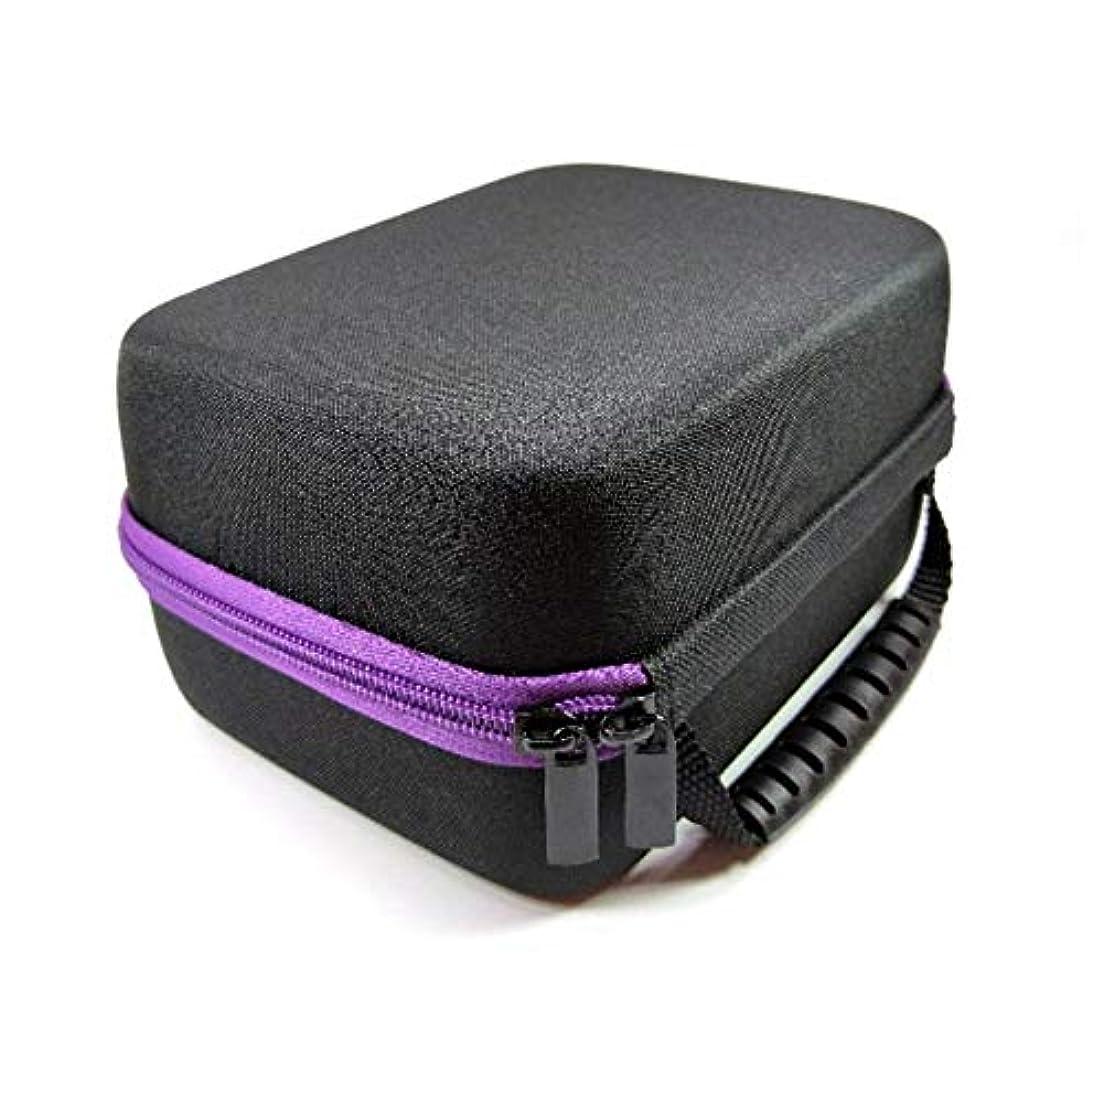 自動的に速度ビタミンPursue エッセンシャルオイル収納ケース アロマオイル収納ボックス アロマポーチ収納ケース 耐震 携帯便利 香水収納ポーチ 化粧ポーチ44本用